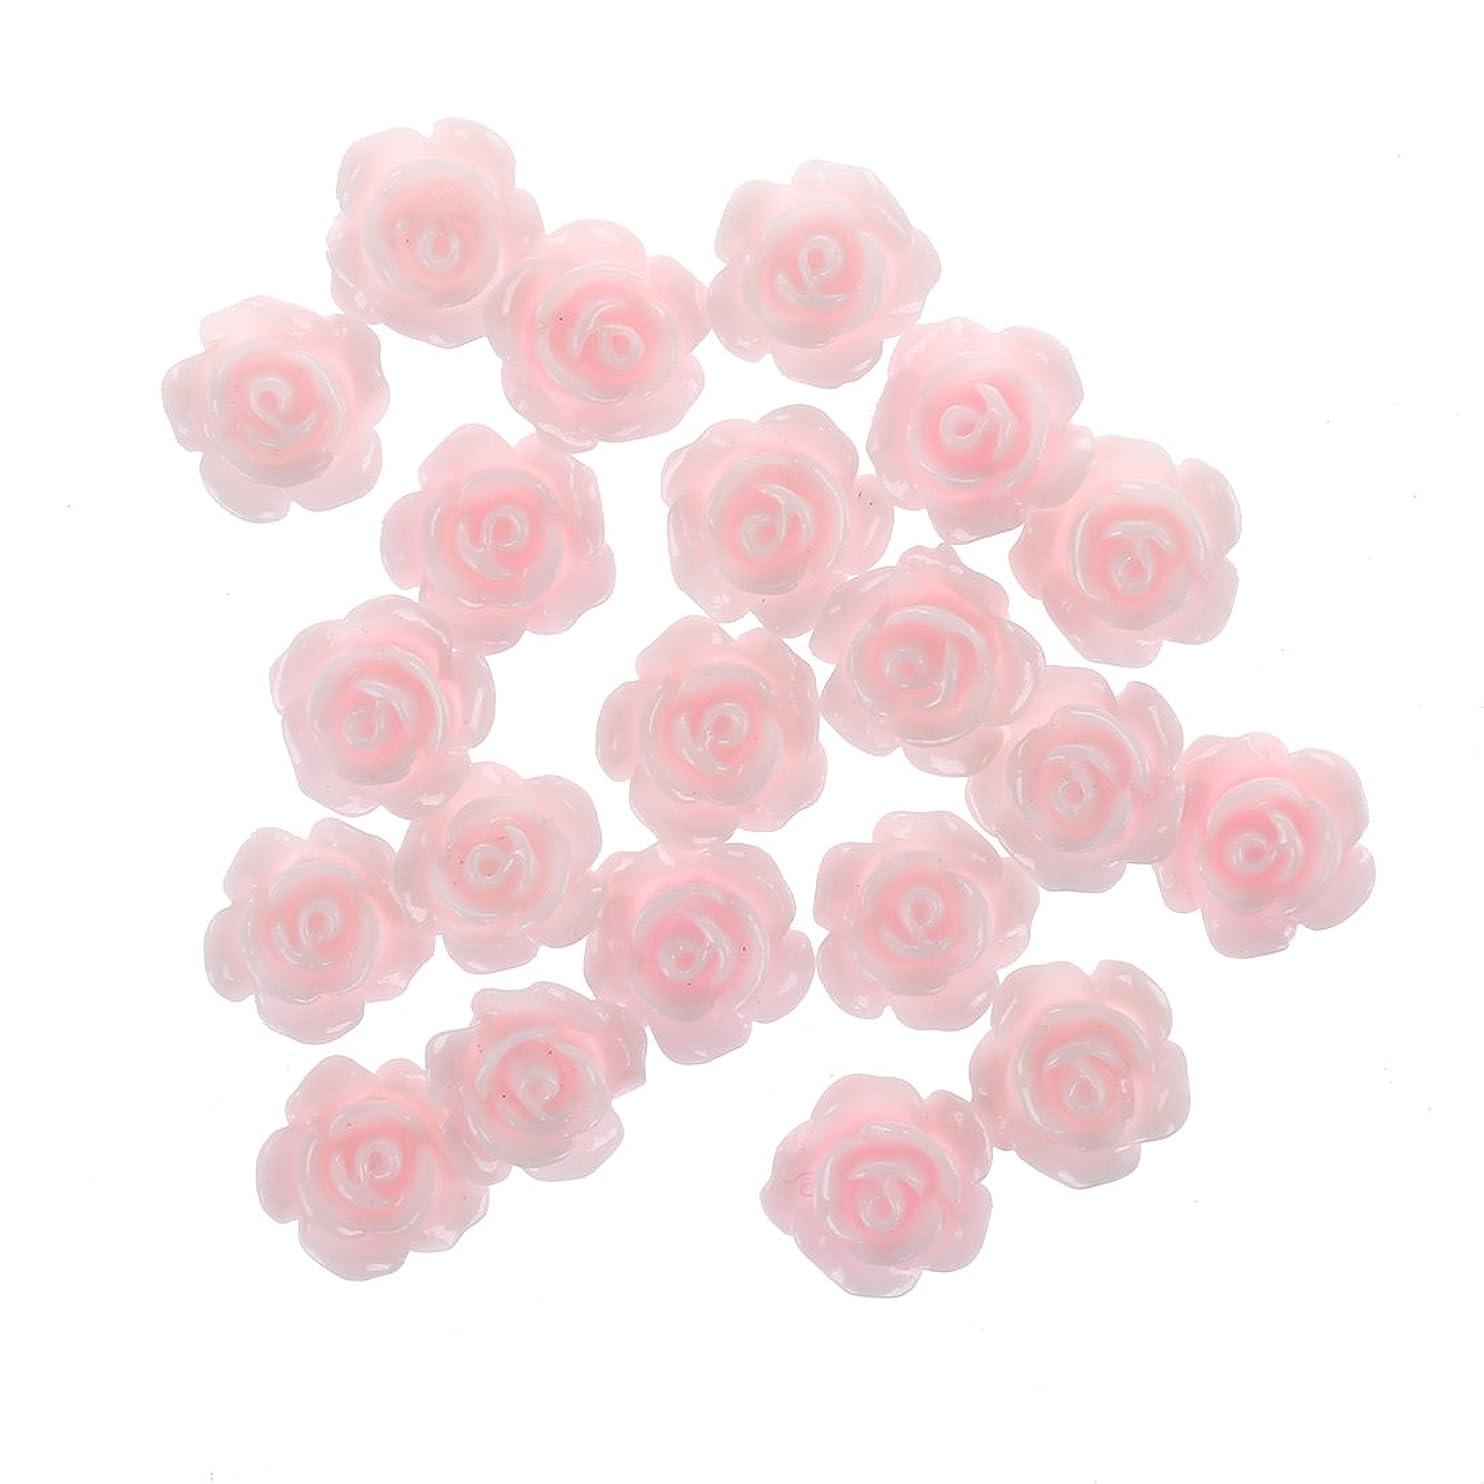 家畜過敏な暫定Cikuso 20x3Dピンクの小さいバラ ラインストーン付きネイルアート装飾